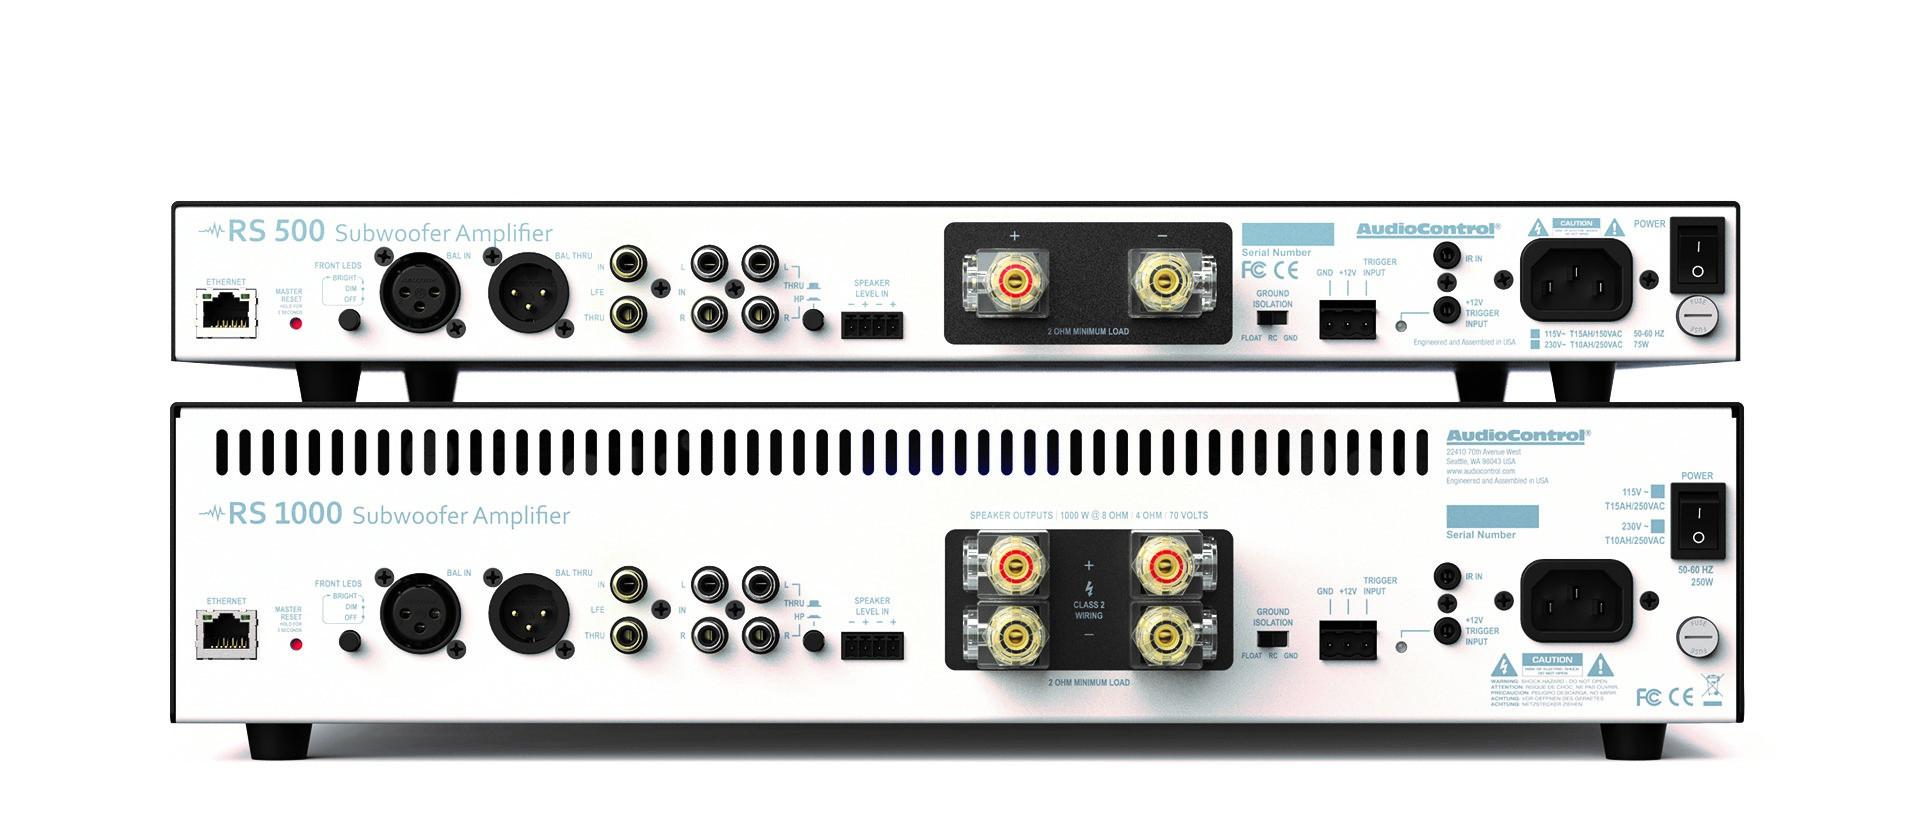 AudioControl RS